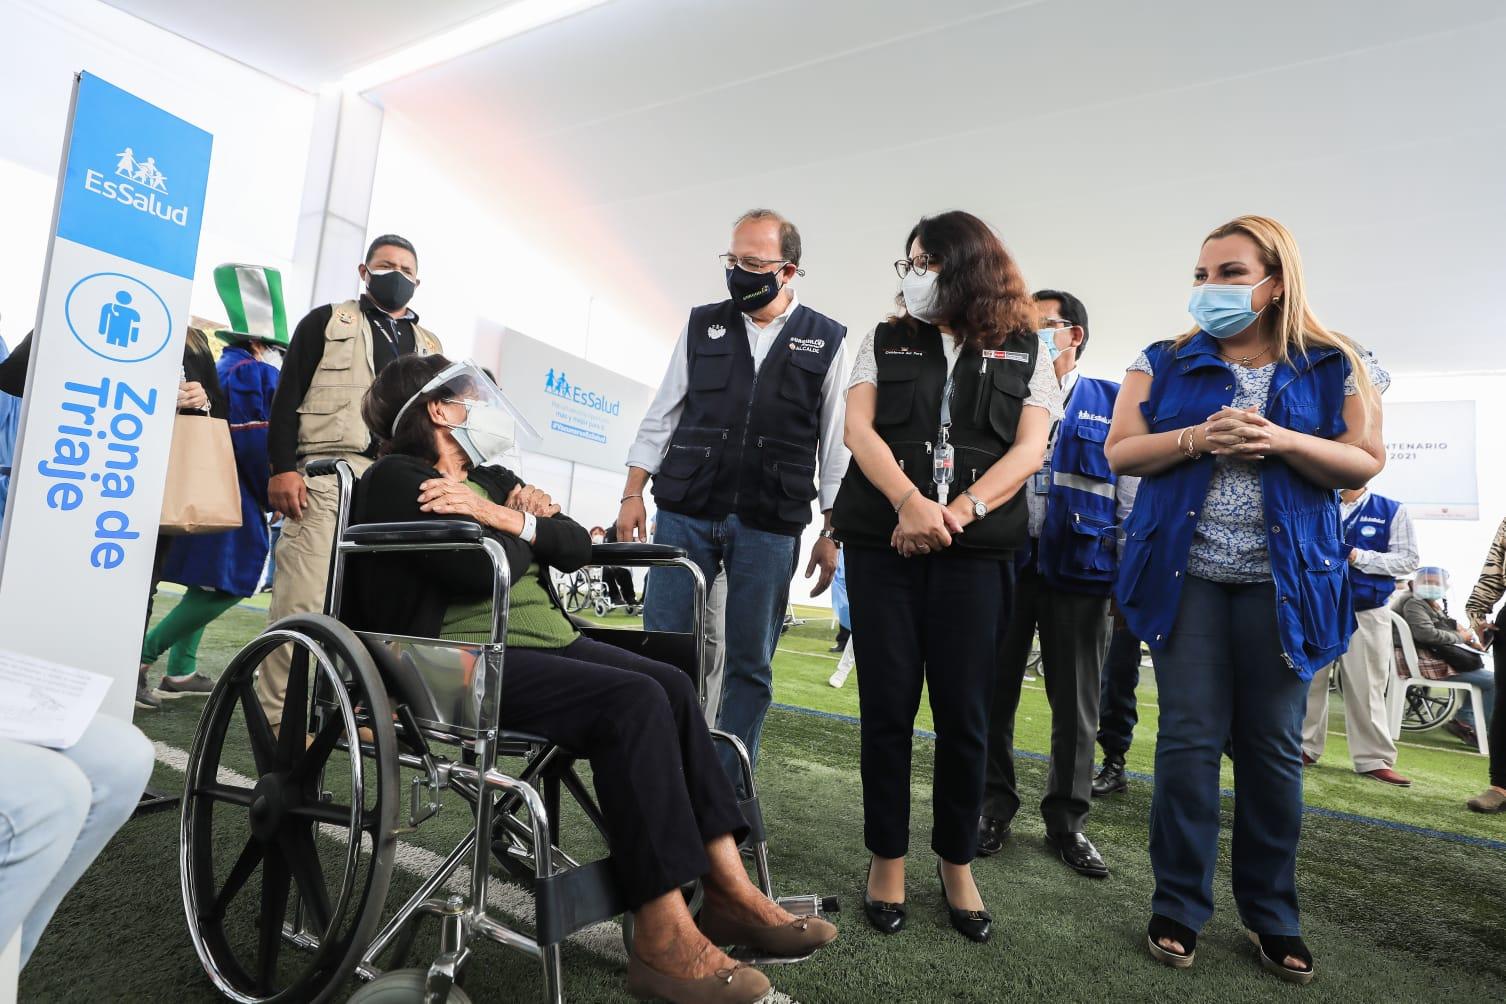 Essalud - Presidenta de EsSalud  anuncia implementación de 7 nuevas plantas de oxígeno para pacientes COVID-19 en los próximos días